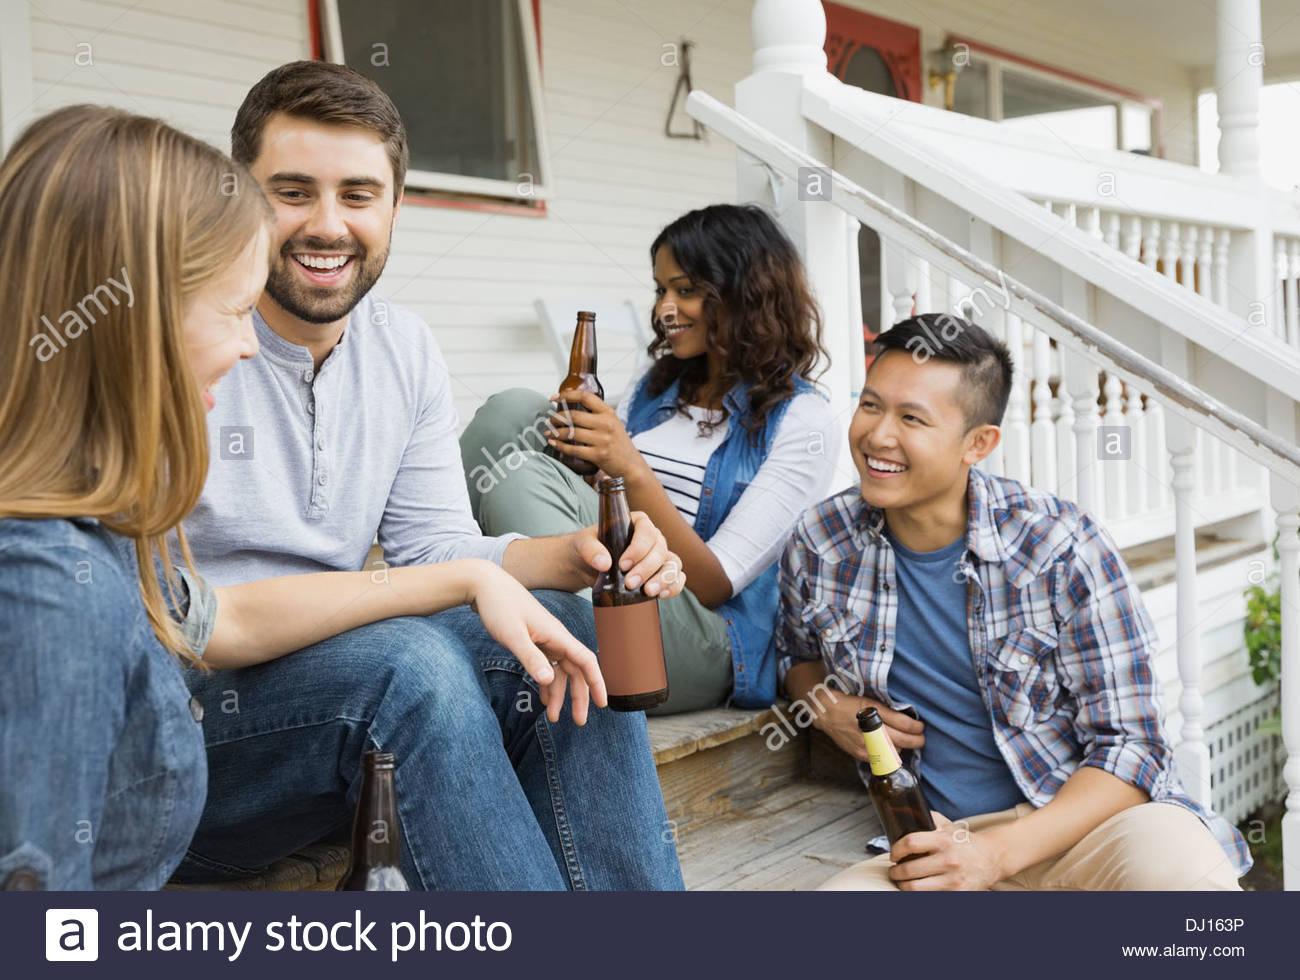 Gruppo di amici gustando un drink sulla veranda Immagini Stock